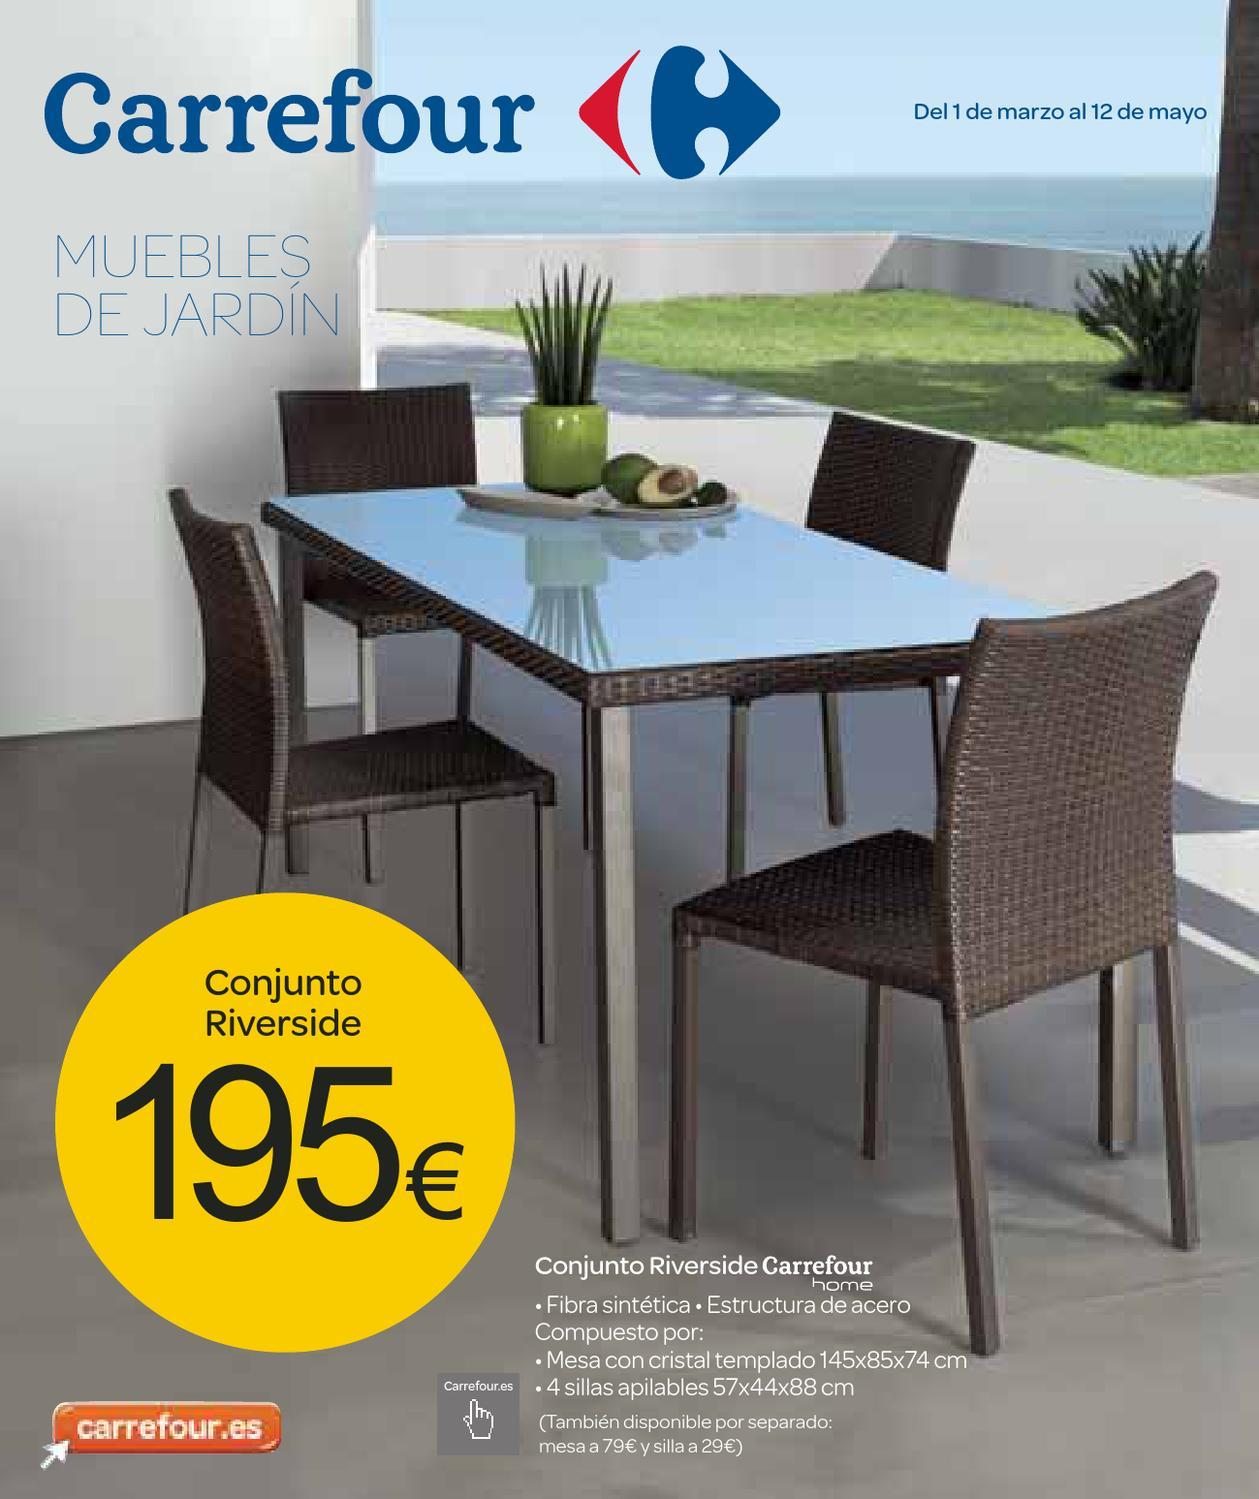 Salon de jardin 149€ carrefour